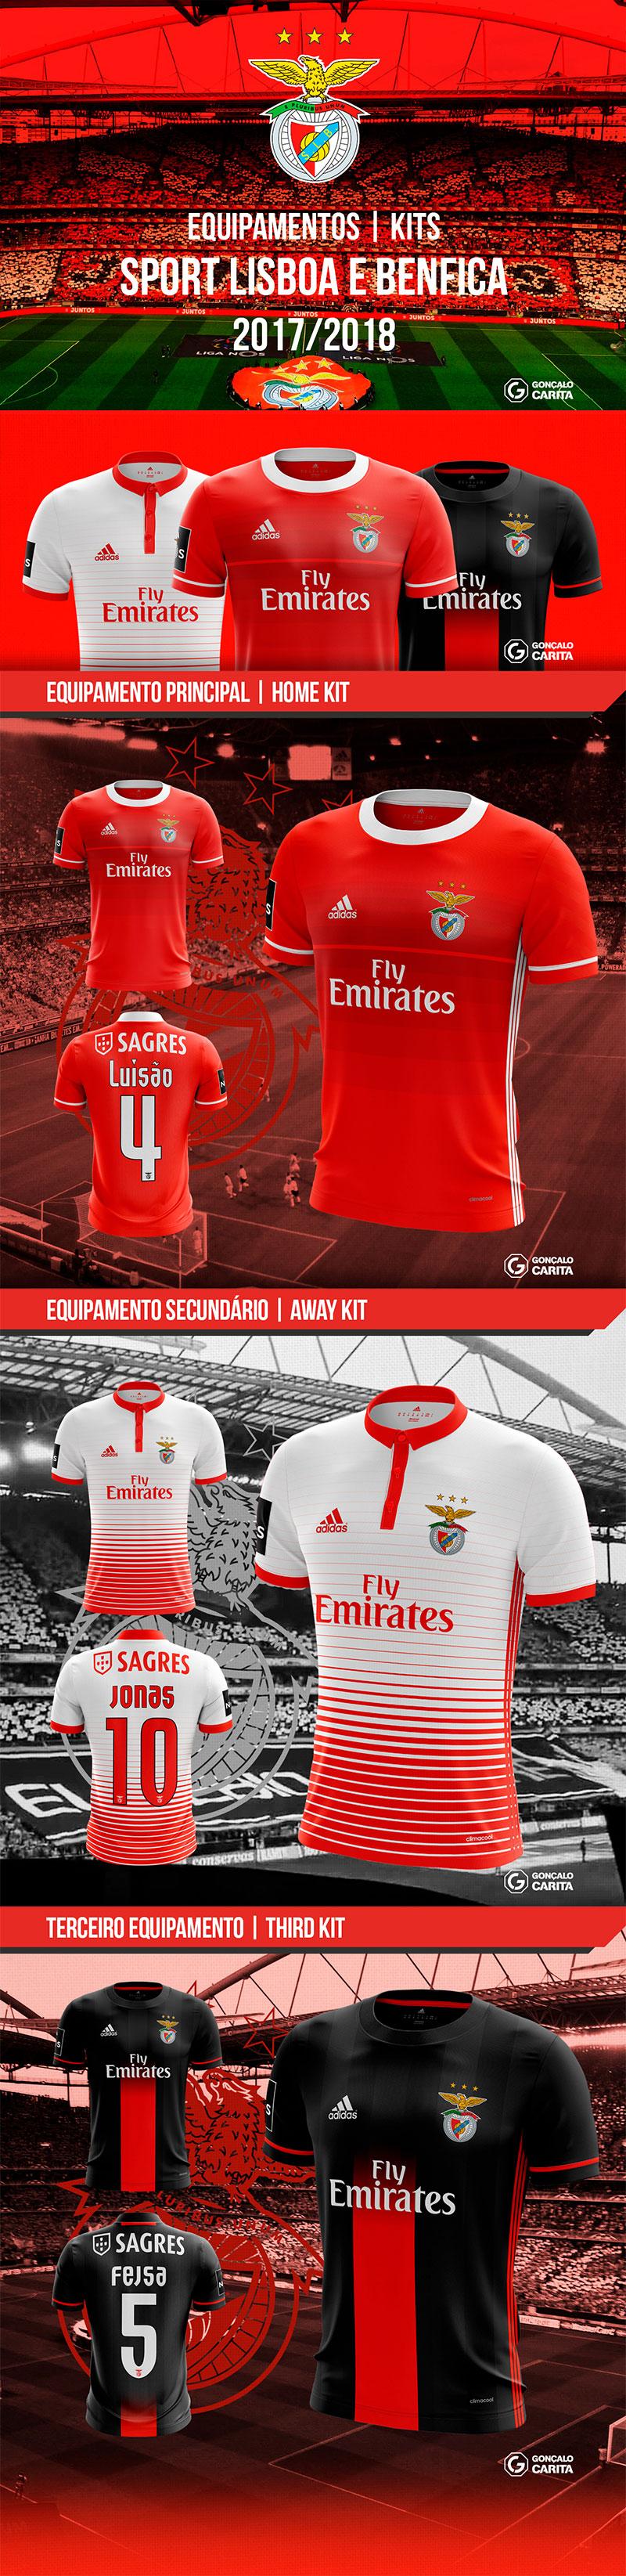 Diseños de marca del Club de fútbol: Sport Lisboa e Benfica - Kits concept de Gonçalo Carita